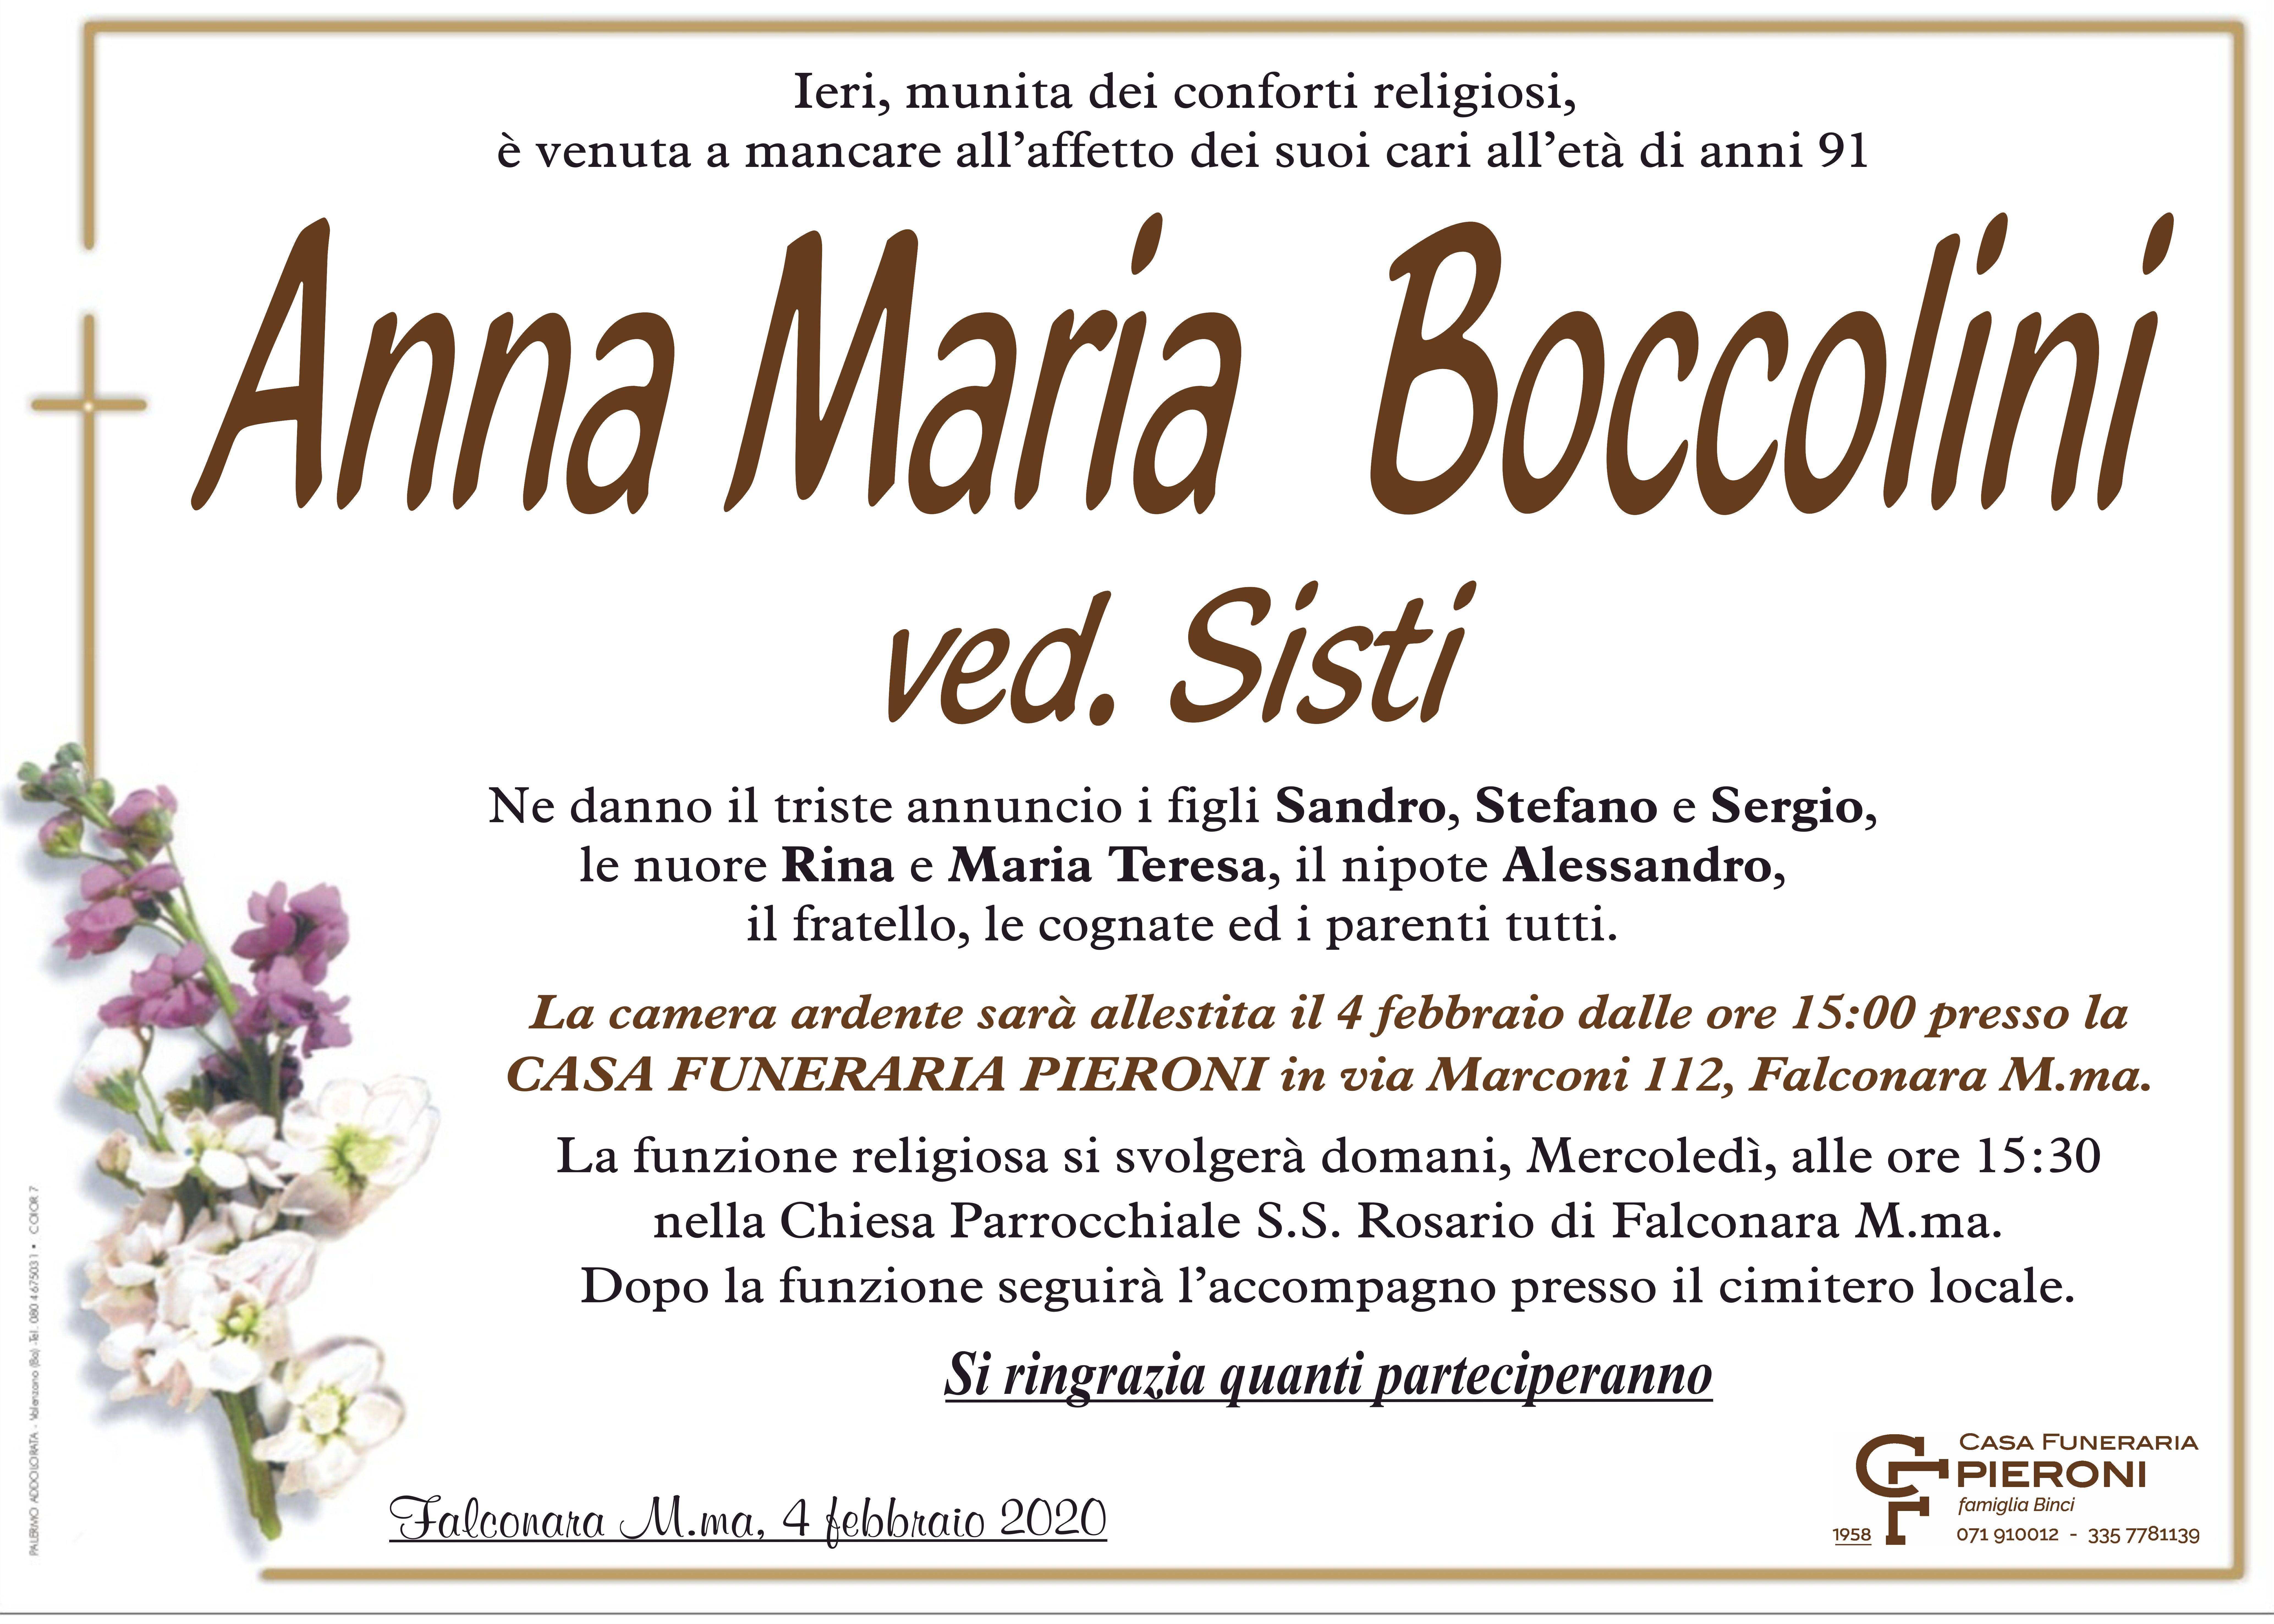 Anna Maria Boccolini